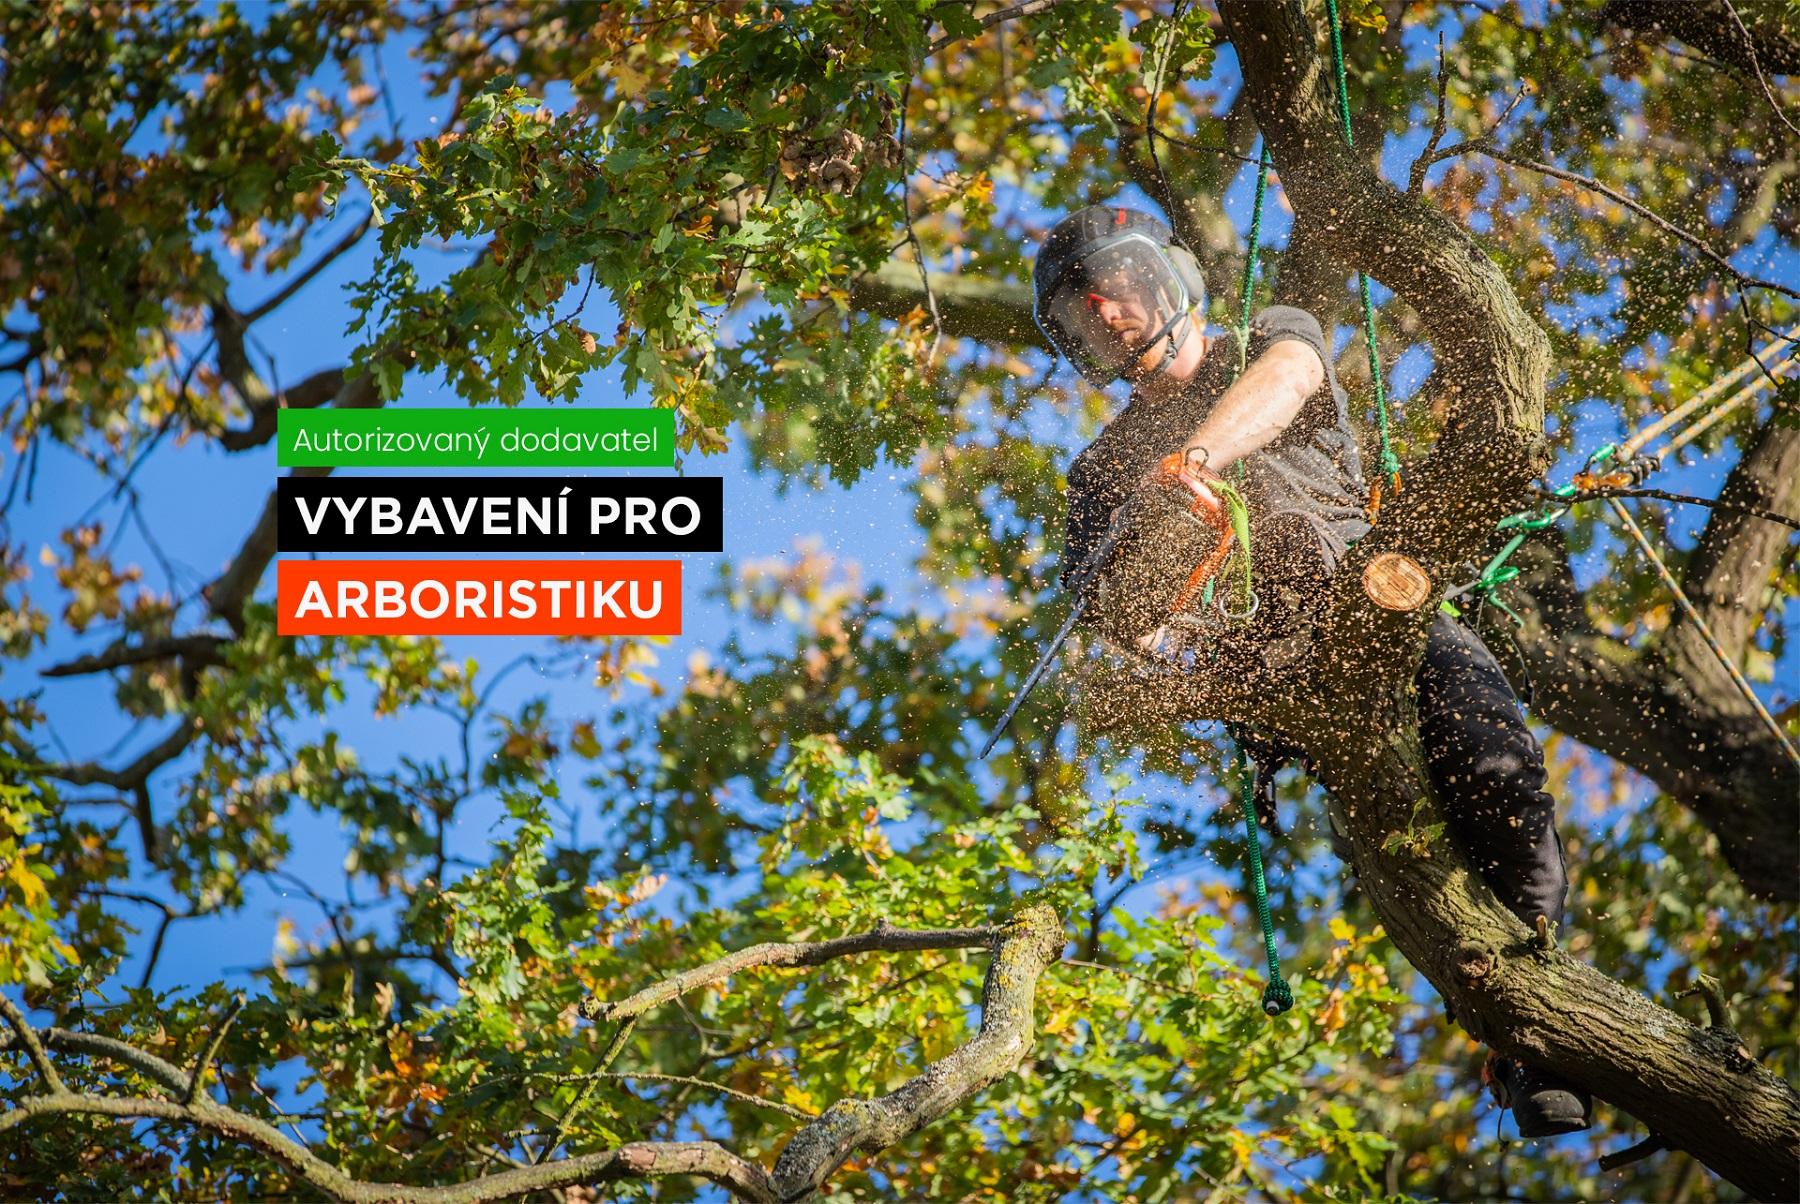 Vybavení pro arboristiku